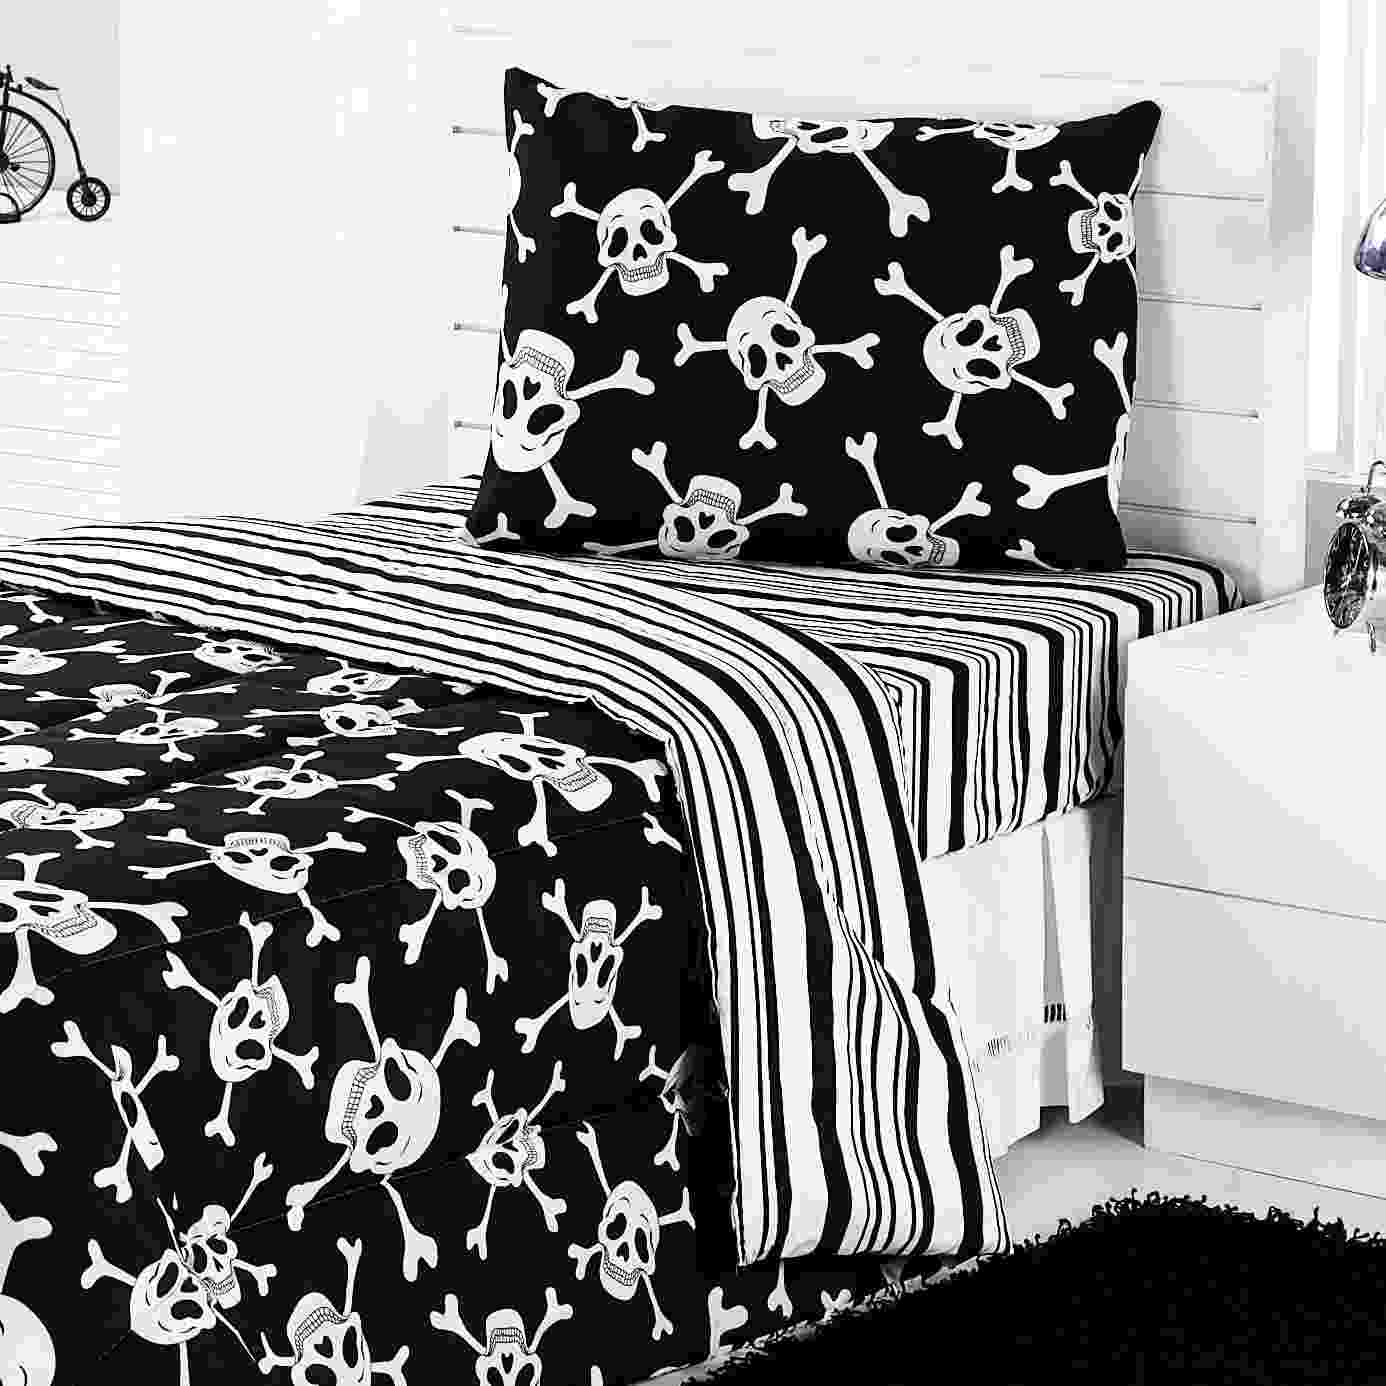 Jogo de cama de solteiro Caveira Preto e Branco, de microfibra, composto por lençol de elástico e uma fronha, à venda na Mobly (www.mobly.com.br). A medida do lençol é 130 cm x 230 cm. R$ 35,99. Preço pesquisado em agosto de 2015 e sujeito a alterações - Divulgação